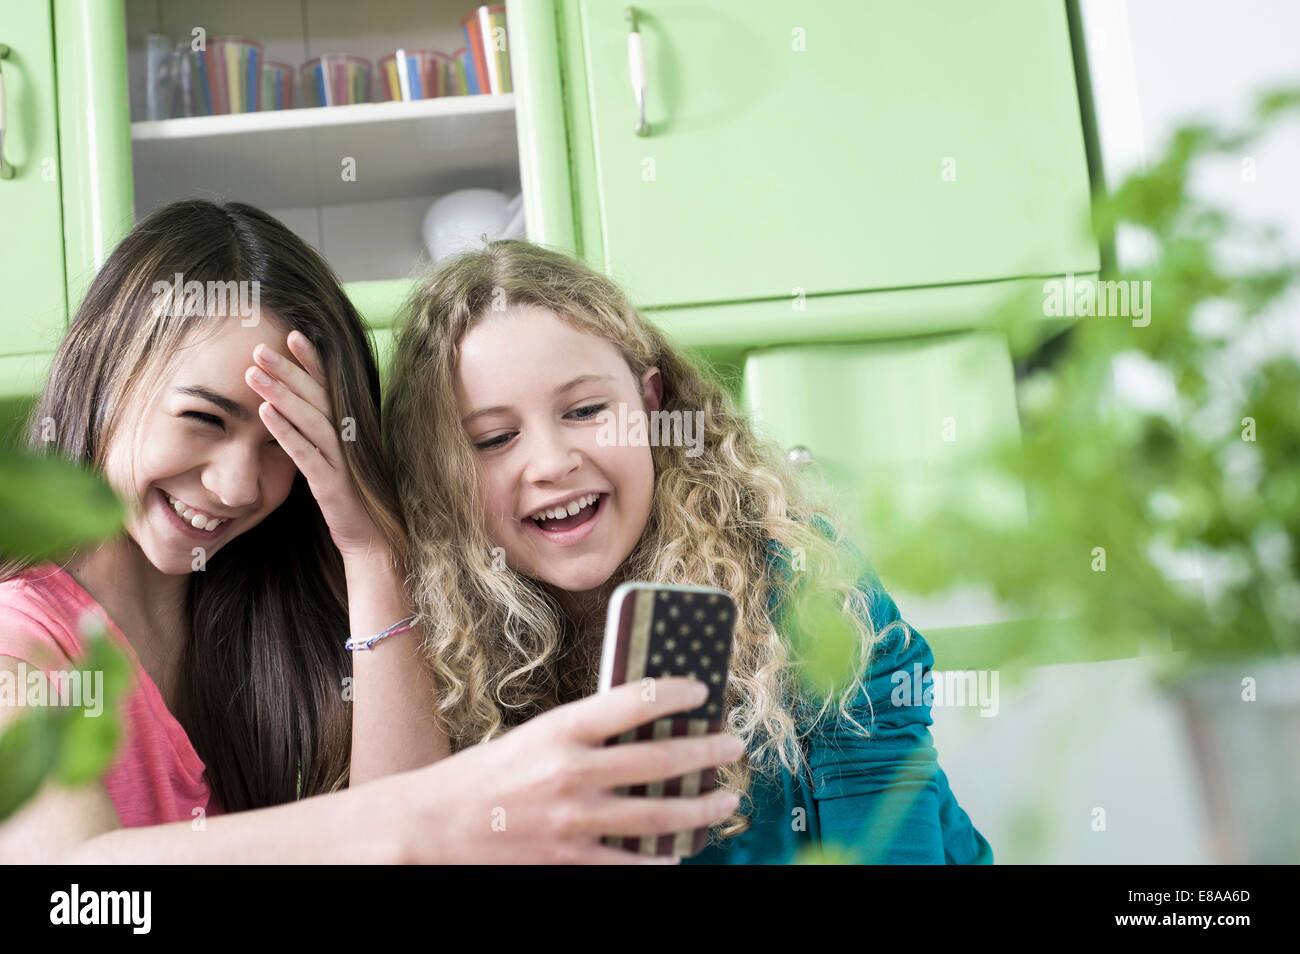 Ragazze in cucina con smart phone Immagini Stock